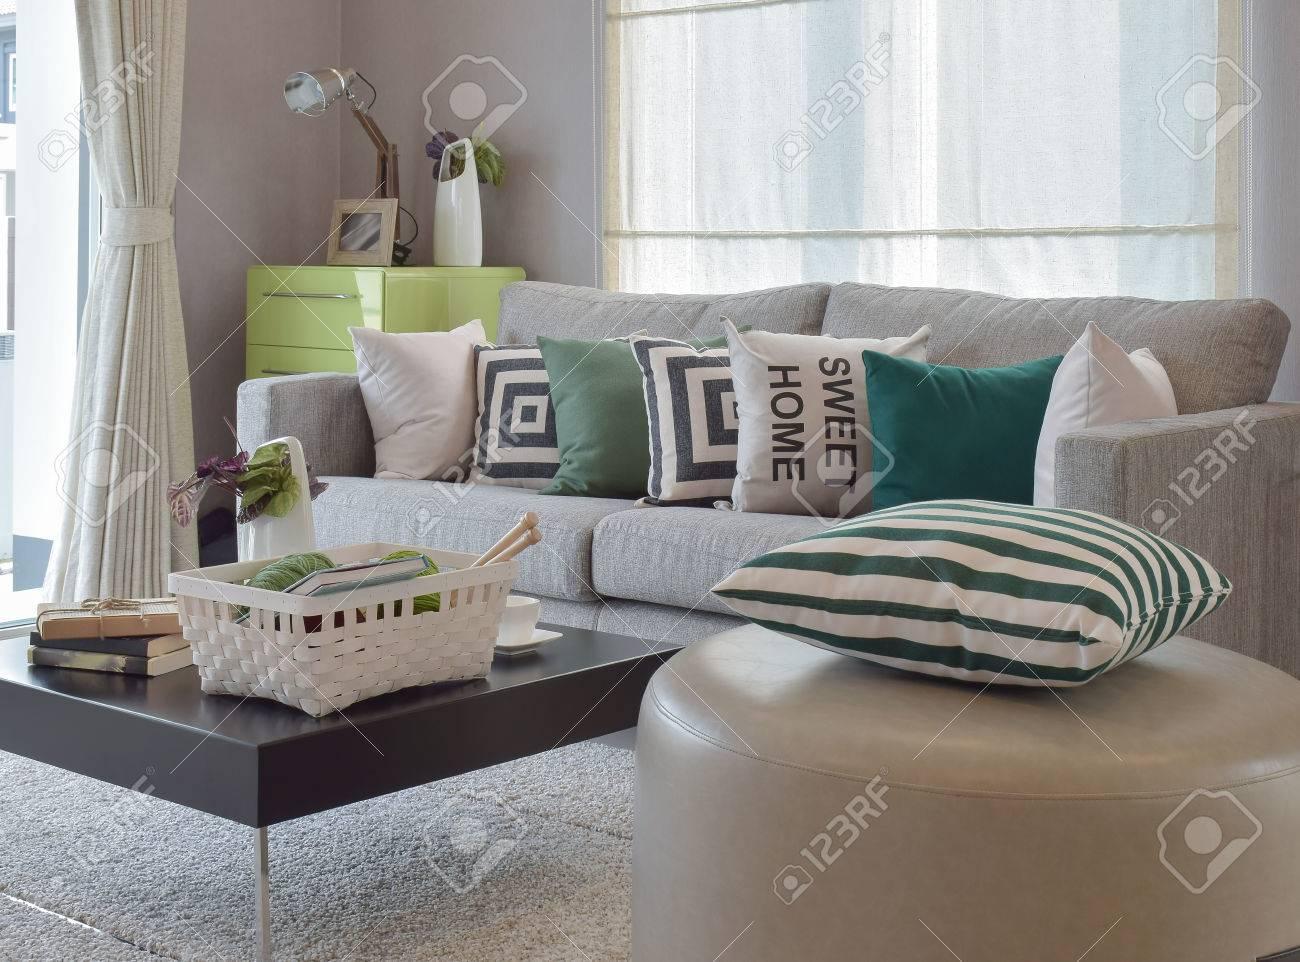 Immagini Stock Lavoro A Maglia Insieme Nel Salotto Accogliente Con Divano Grigio E Cuscini Retro Image 49212818